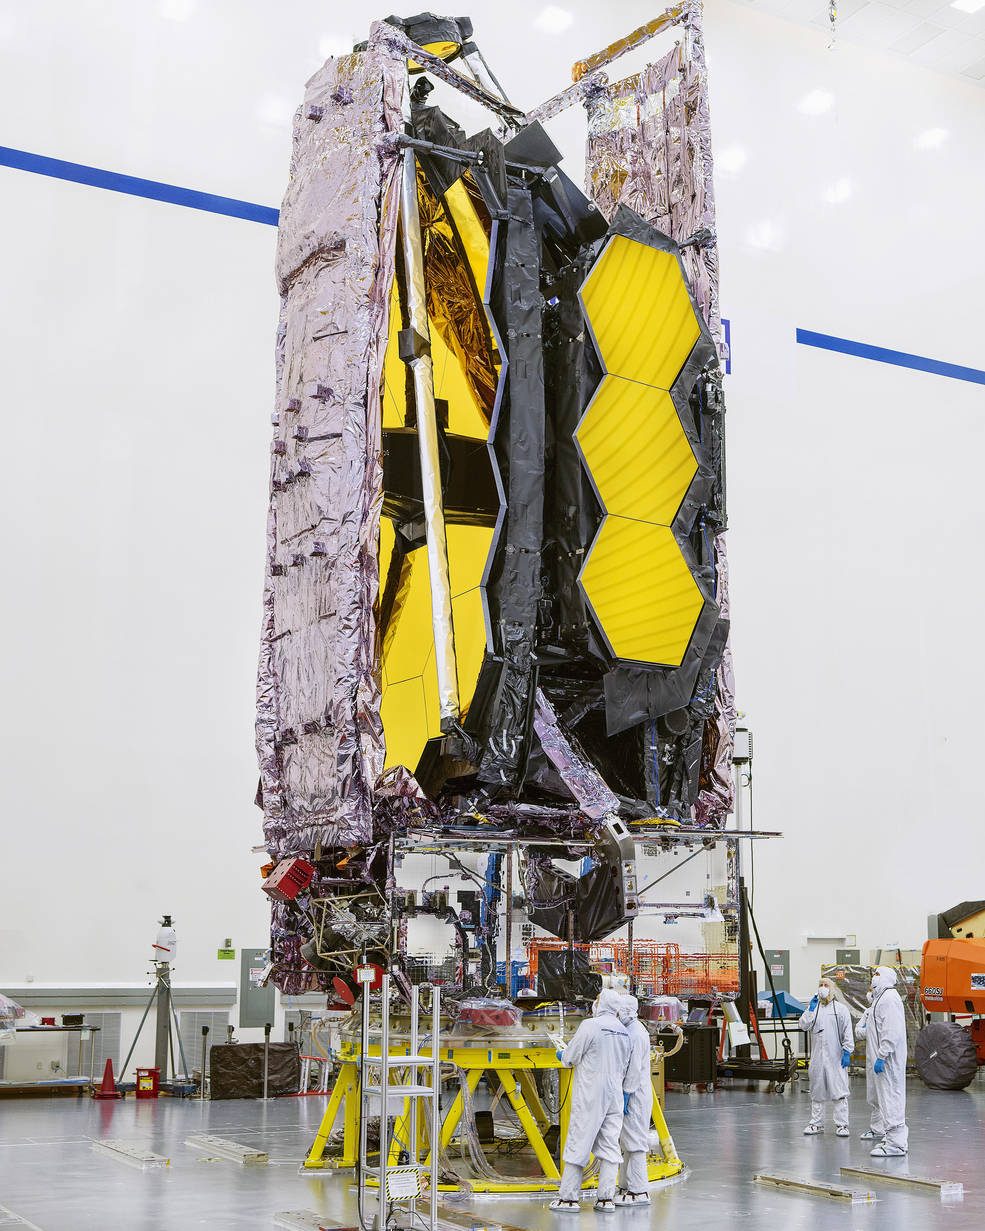 El telescopio espacial James Webb de la NASA se está preparando para su envío a su sitio de lanzamiento.